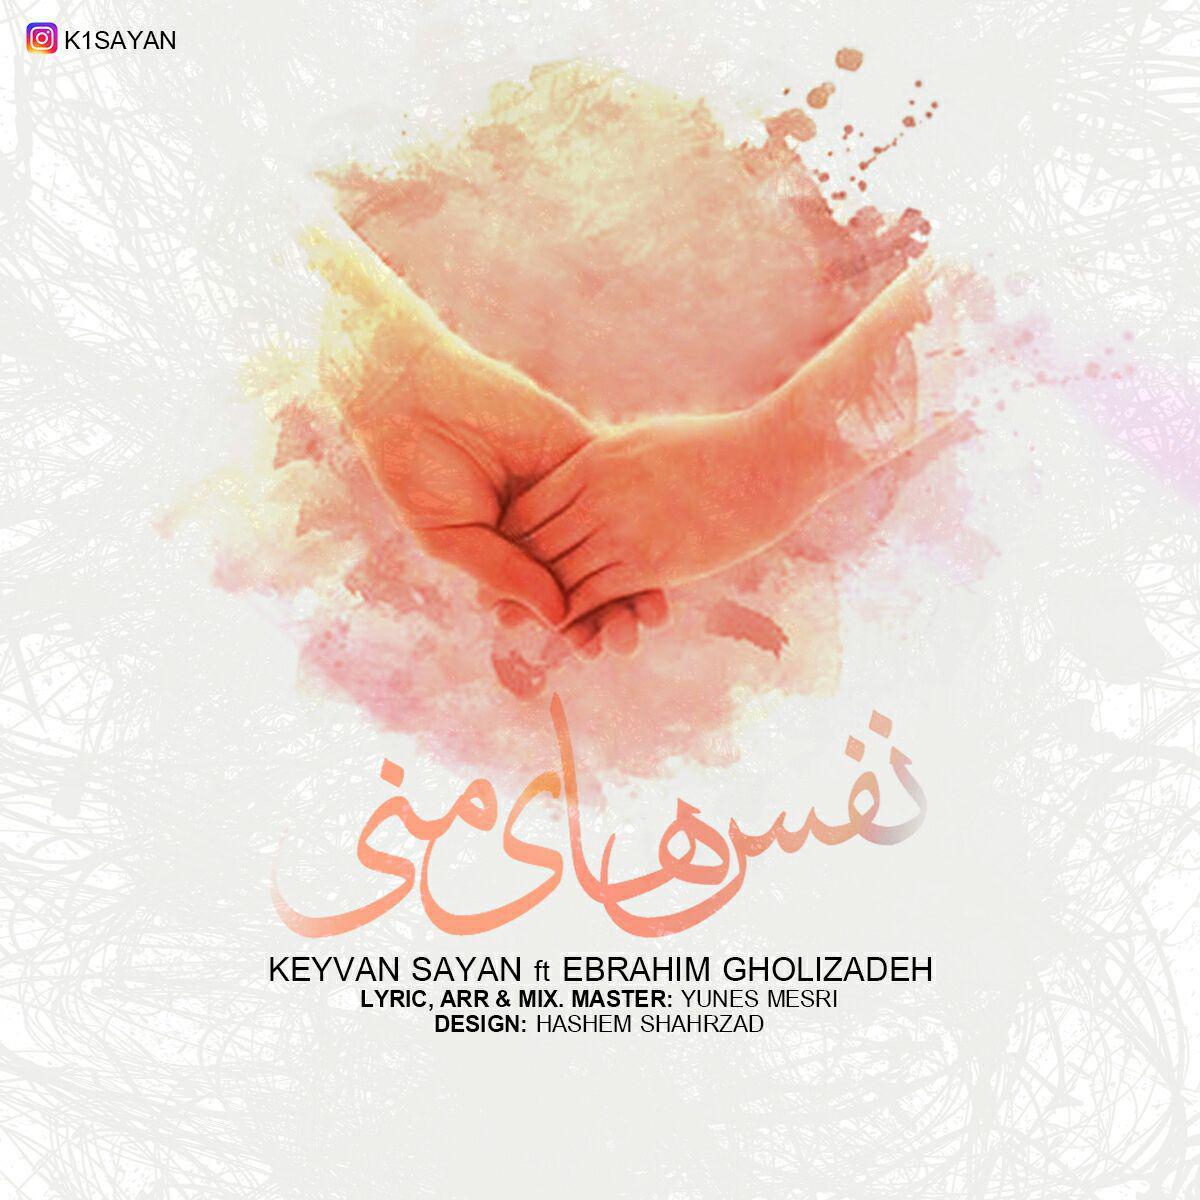 دانلود آهنگ جدید و زیبای کیوان سایان و ابراهیم قلیزاده به نام نفس های منی